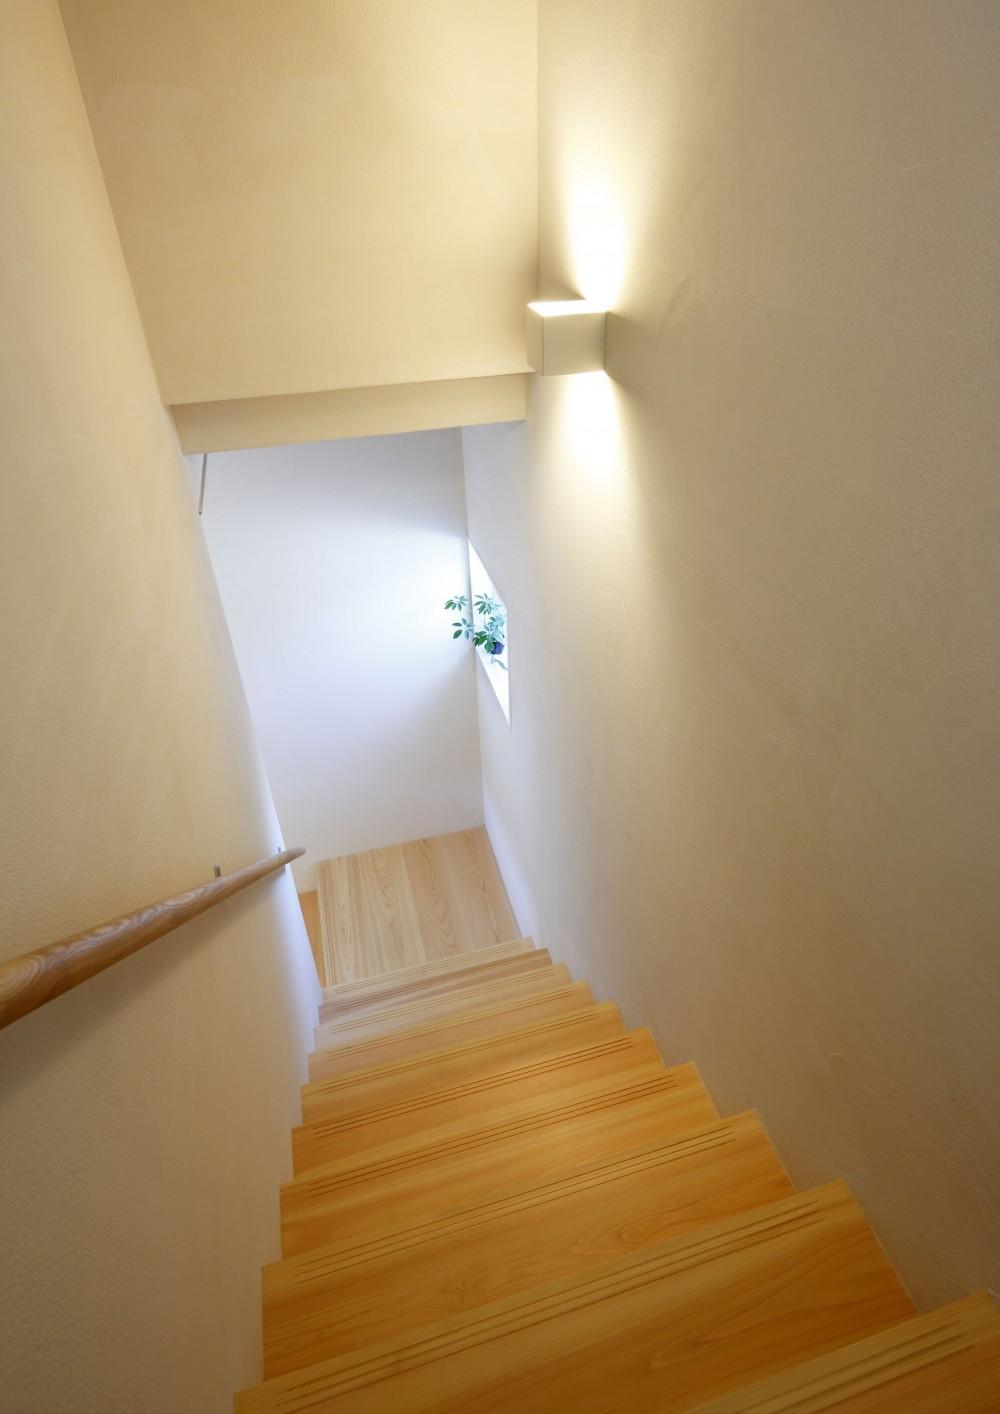 中庭のある無垢な珪藻土の家 – 共働き世帯の家事効率を練りに練ったプラン – (階段)